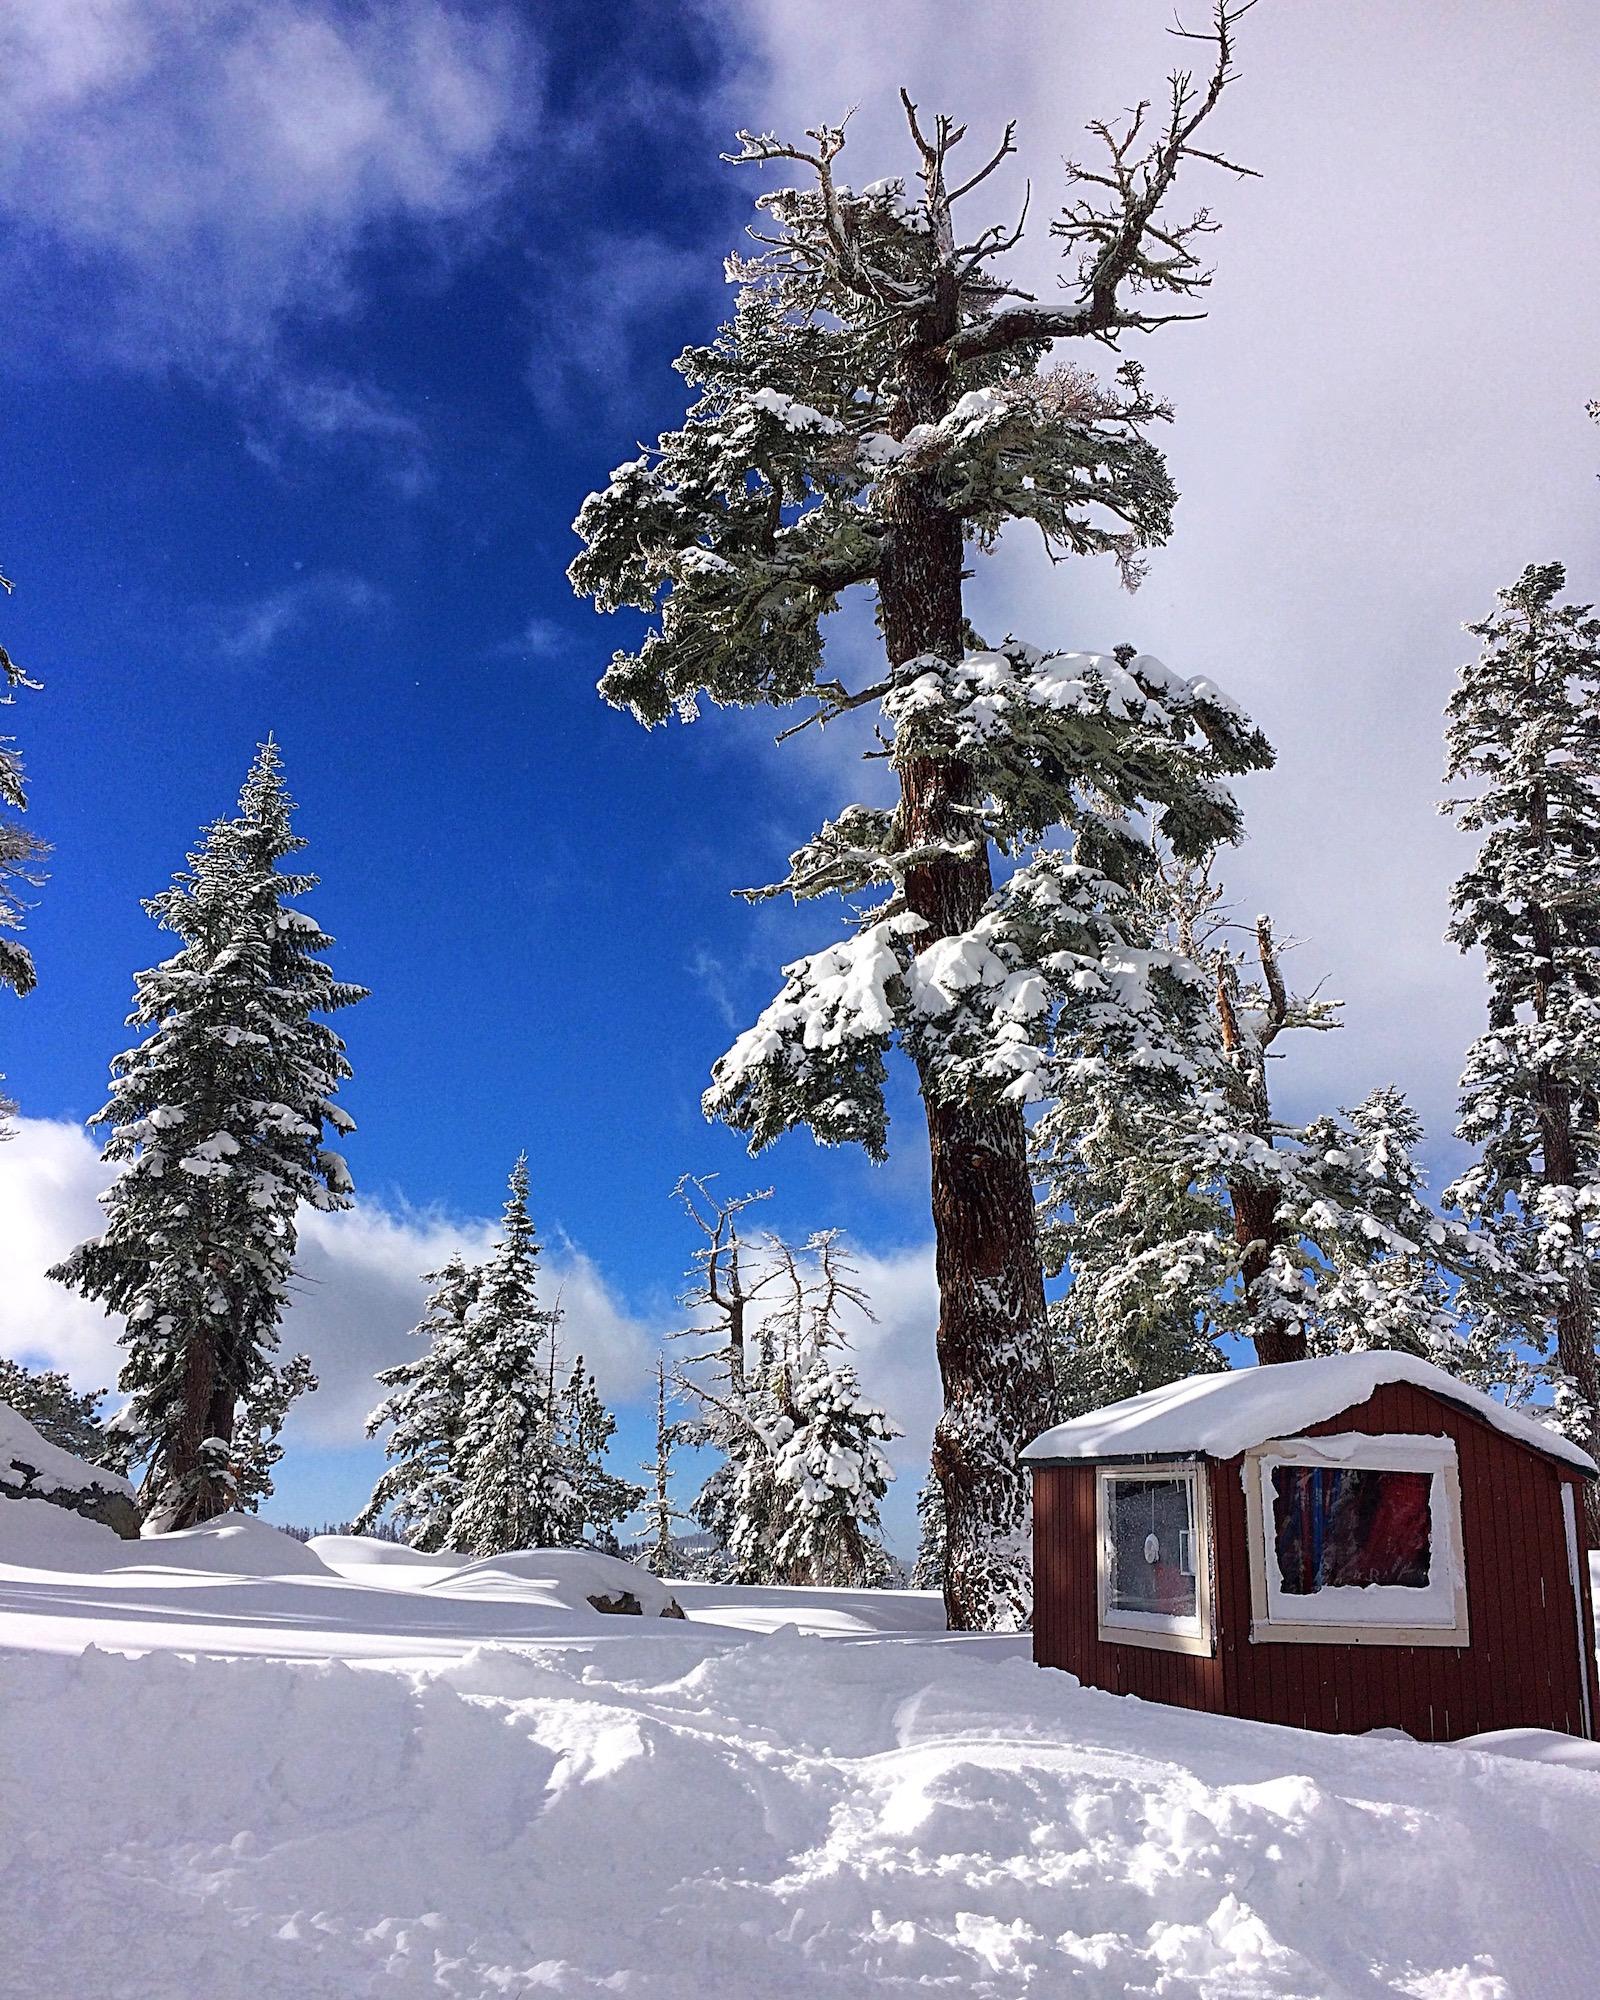 Sierra-at-Tahoe-top-of-the-mountain.jpg